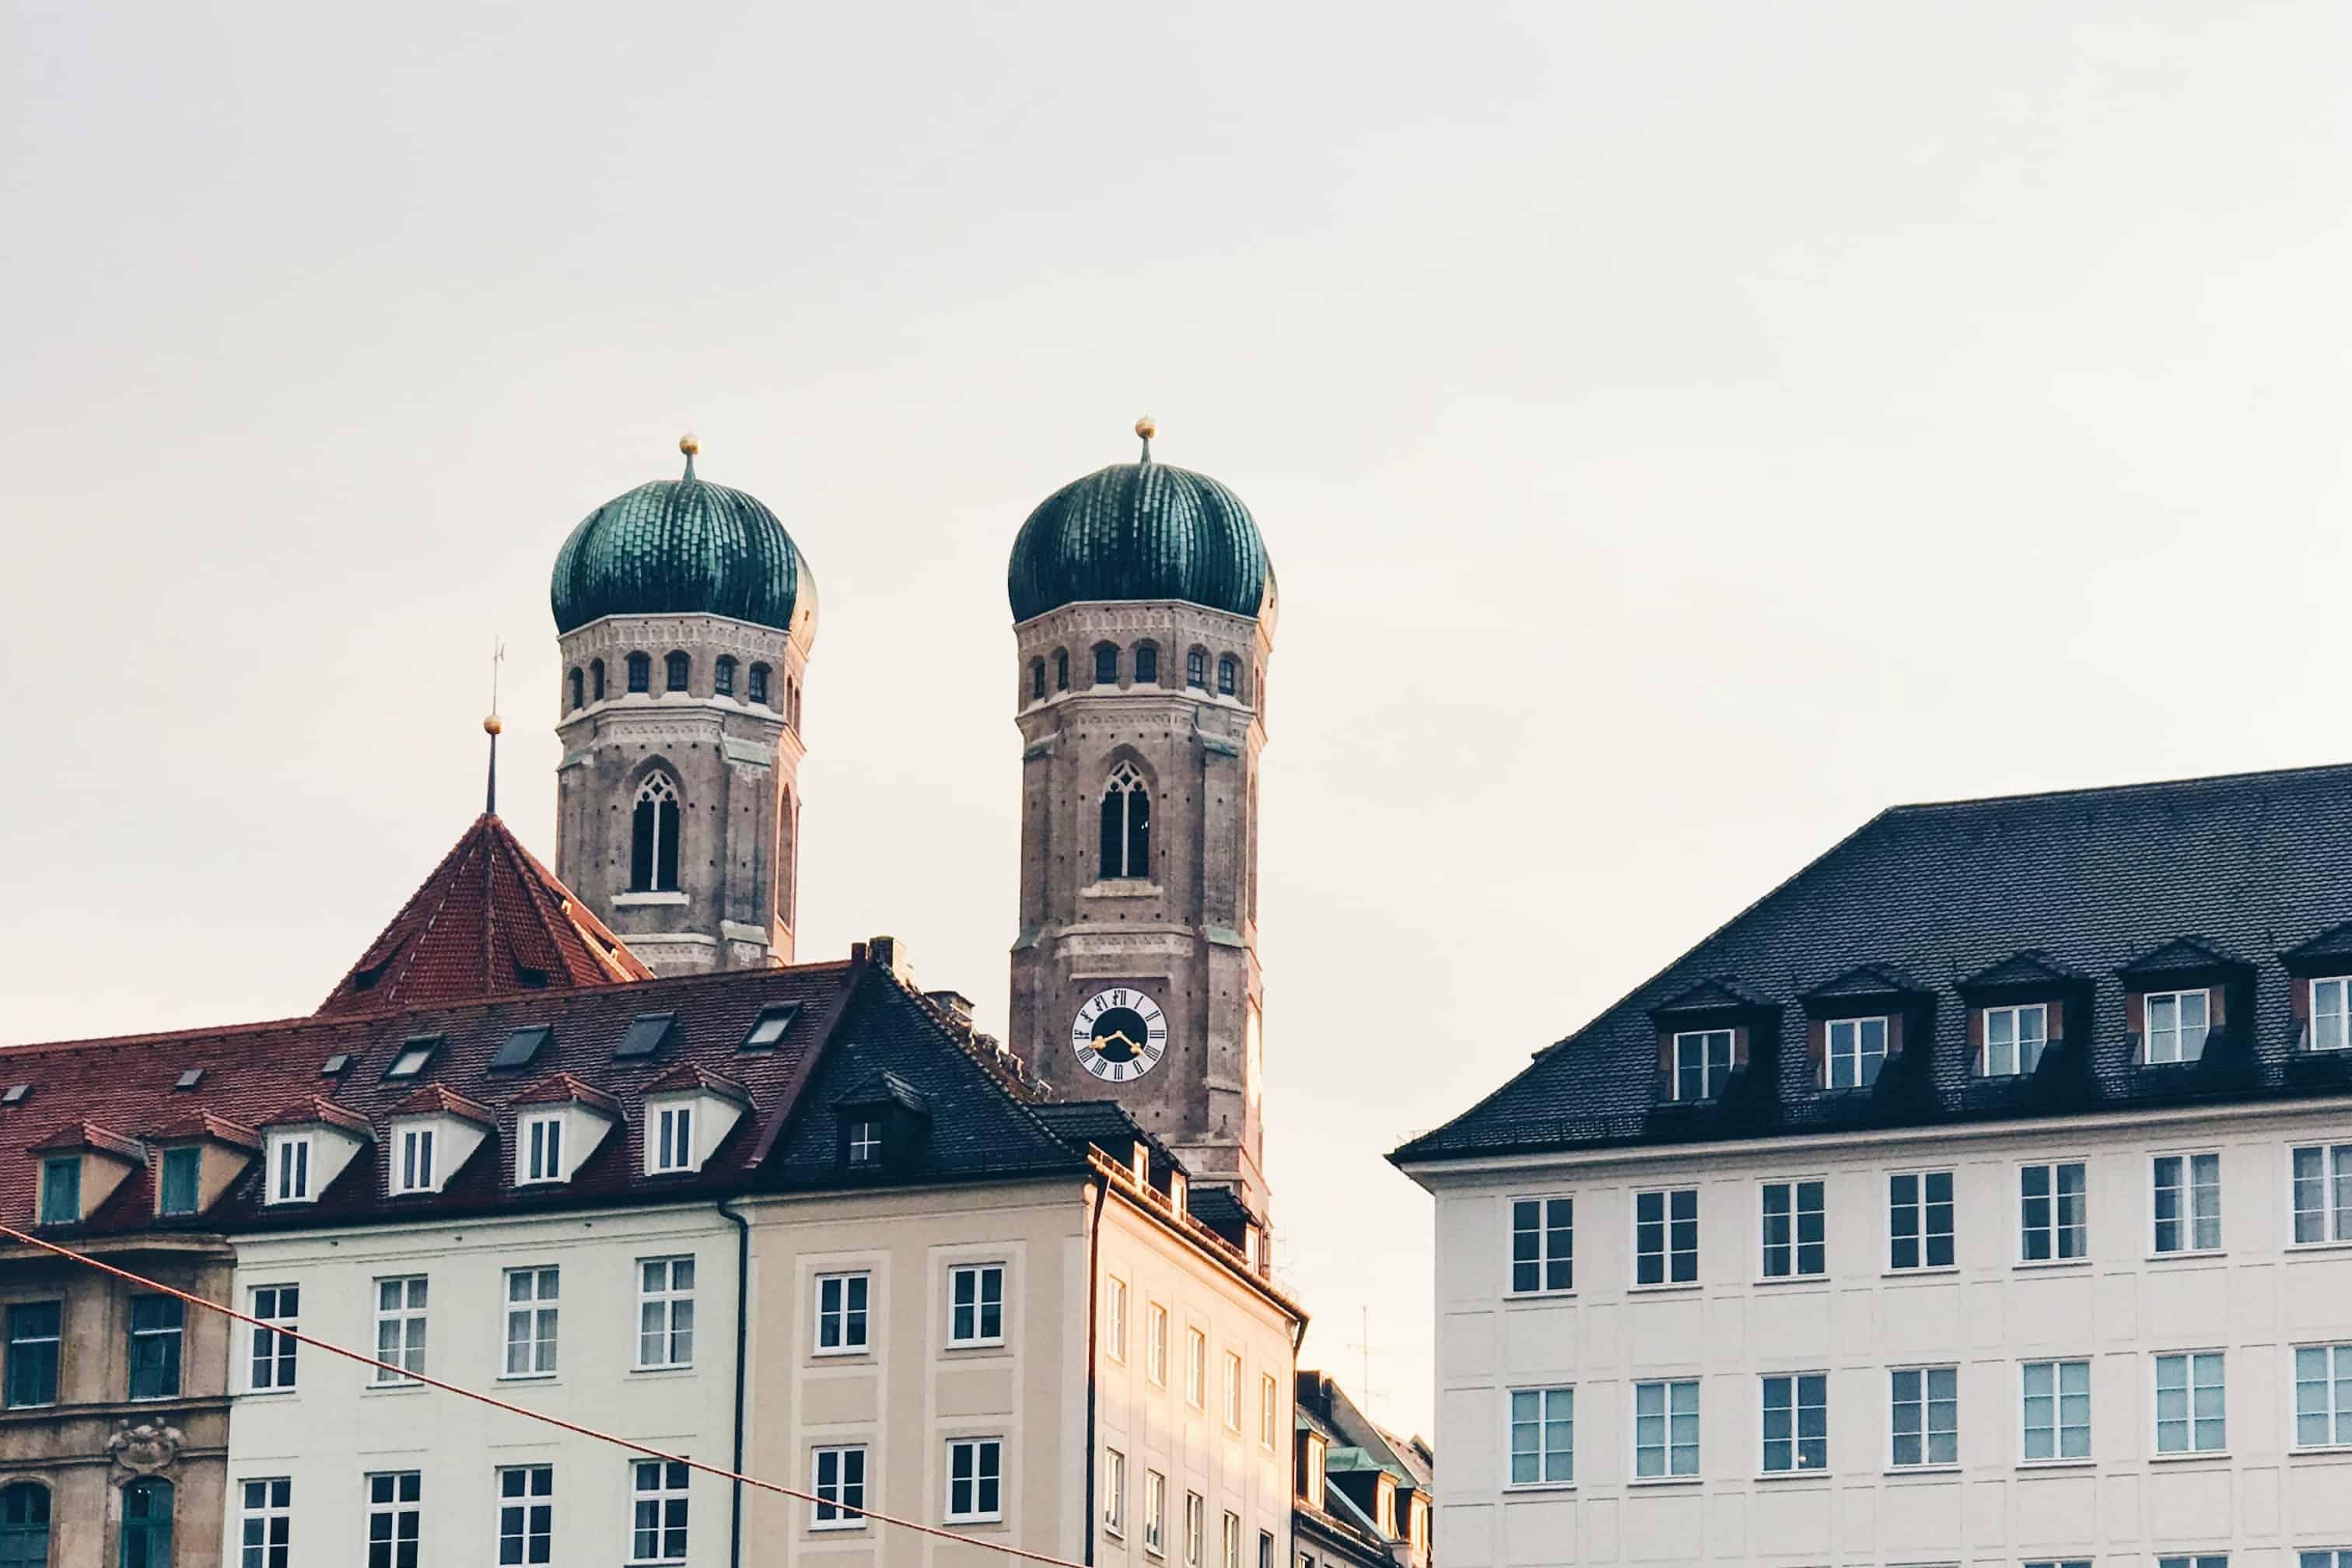 Aktuelle Quartiersentwicklungen in München - Unsere Liste der Top 5